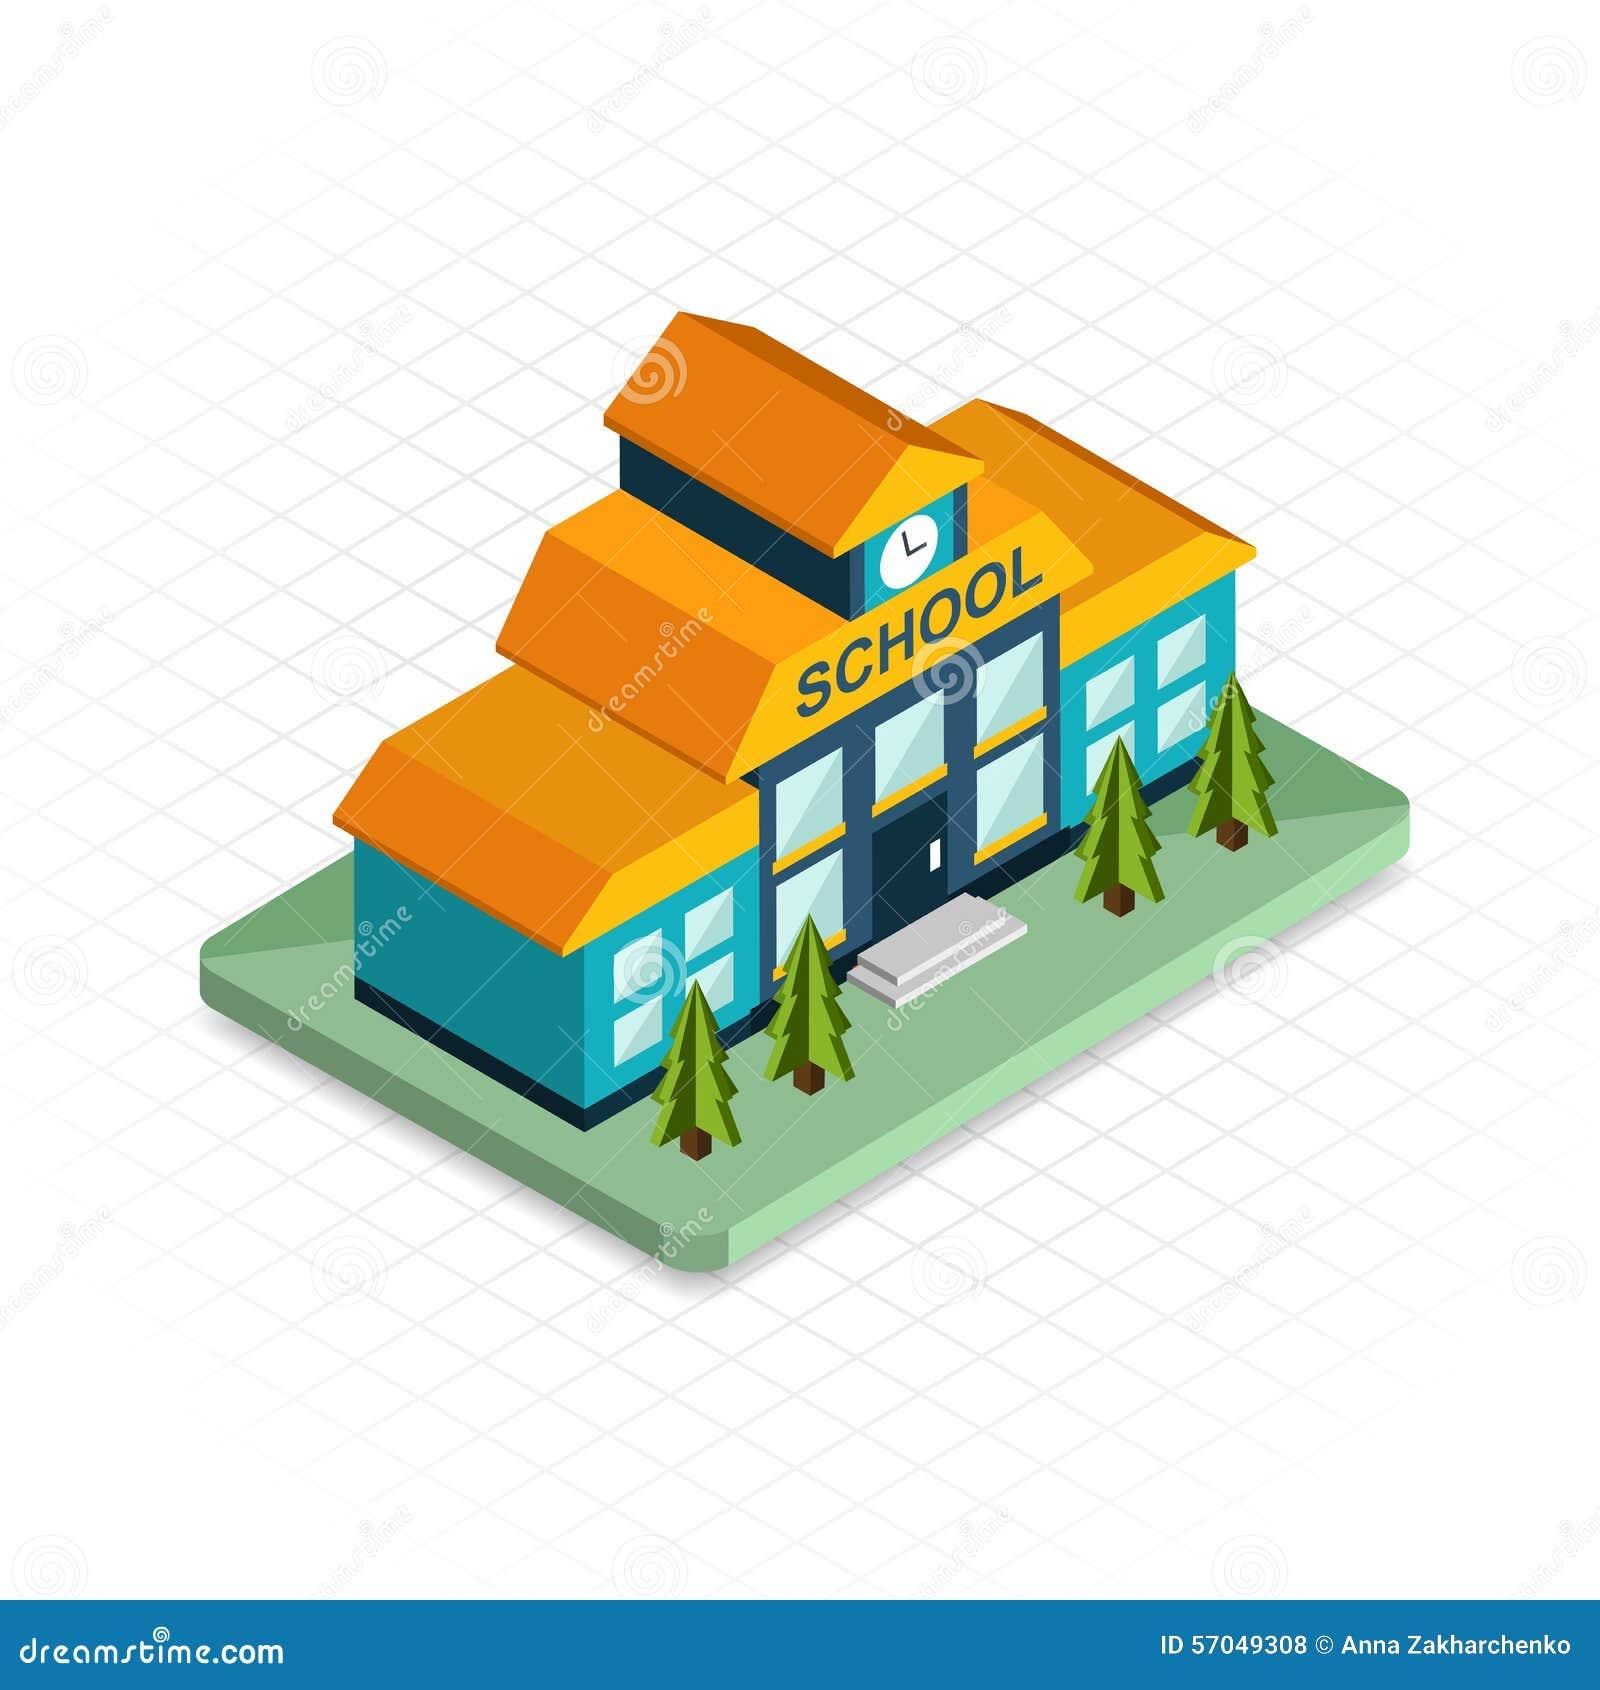 School Building Isometric 3d Pixel Design Icon Stock